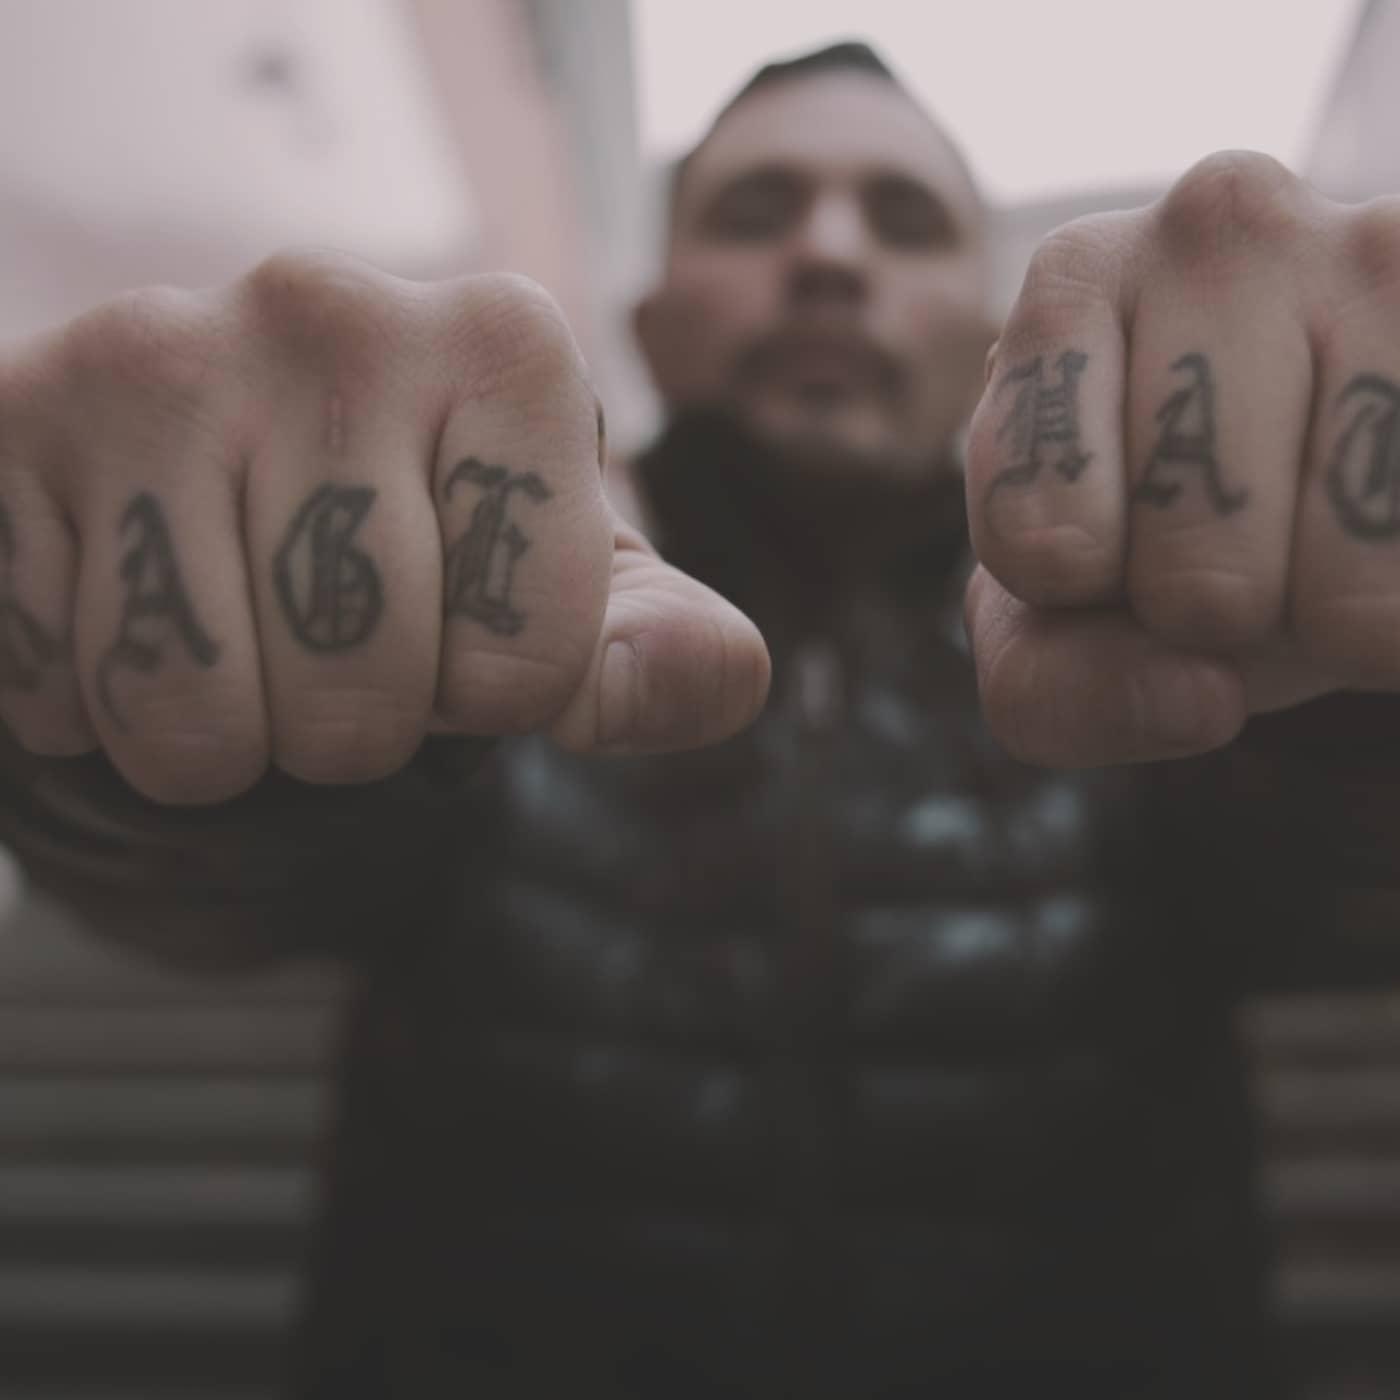 Männen bakom våldet: Han ska knäckas!